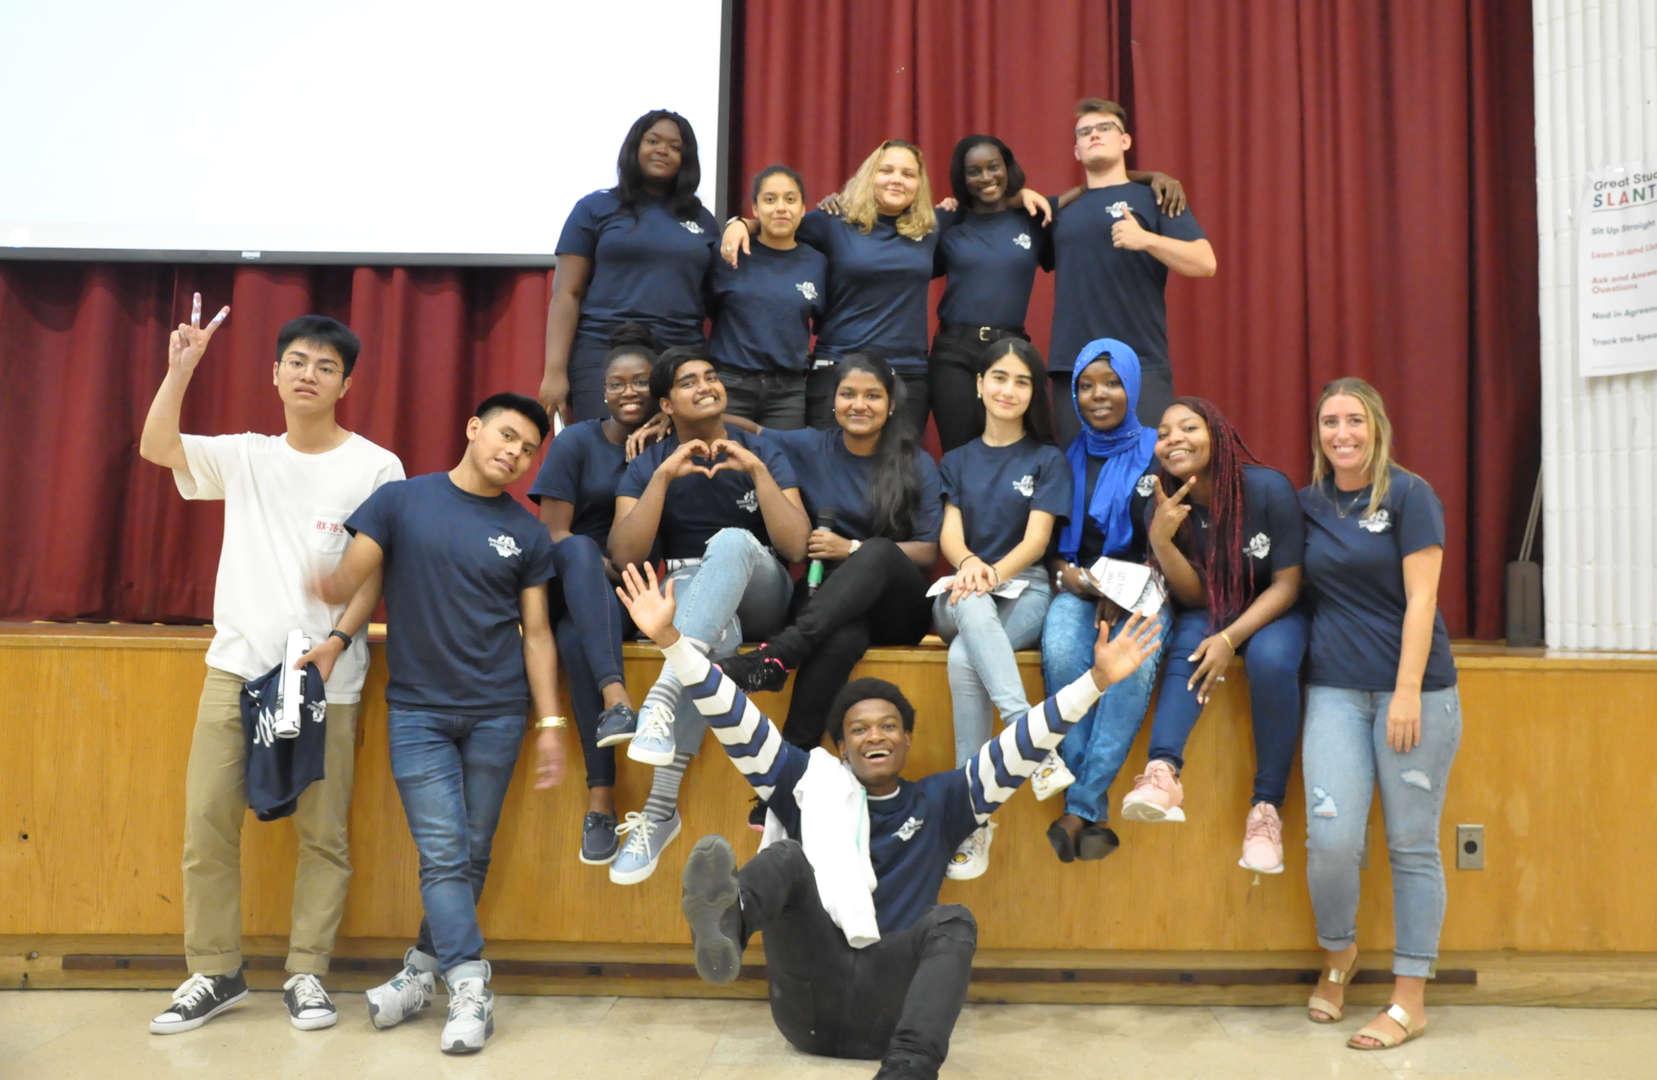 ELHS students posing in theatre